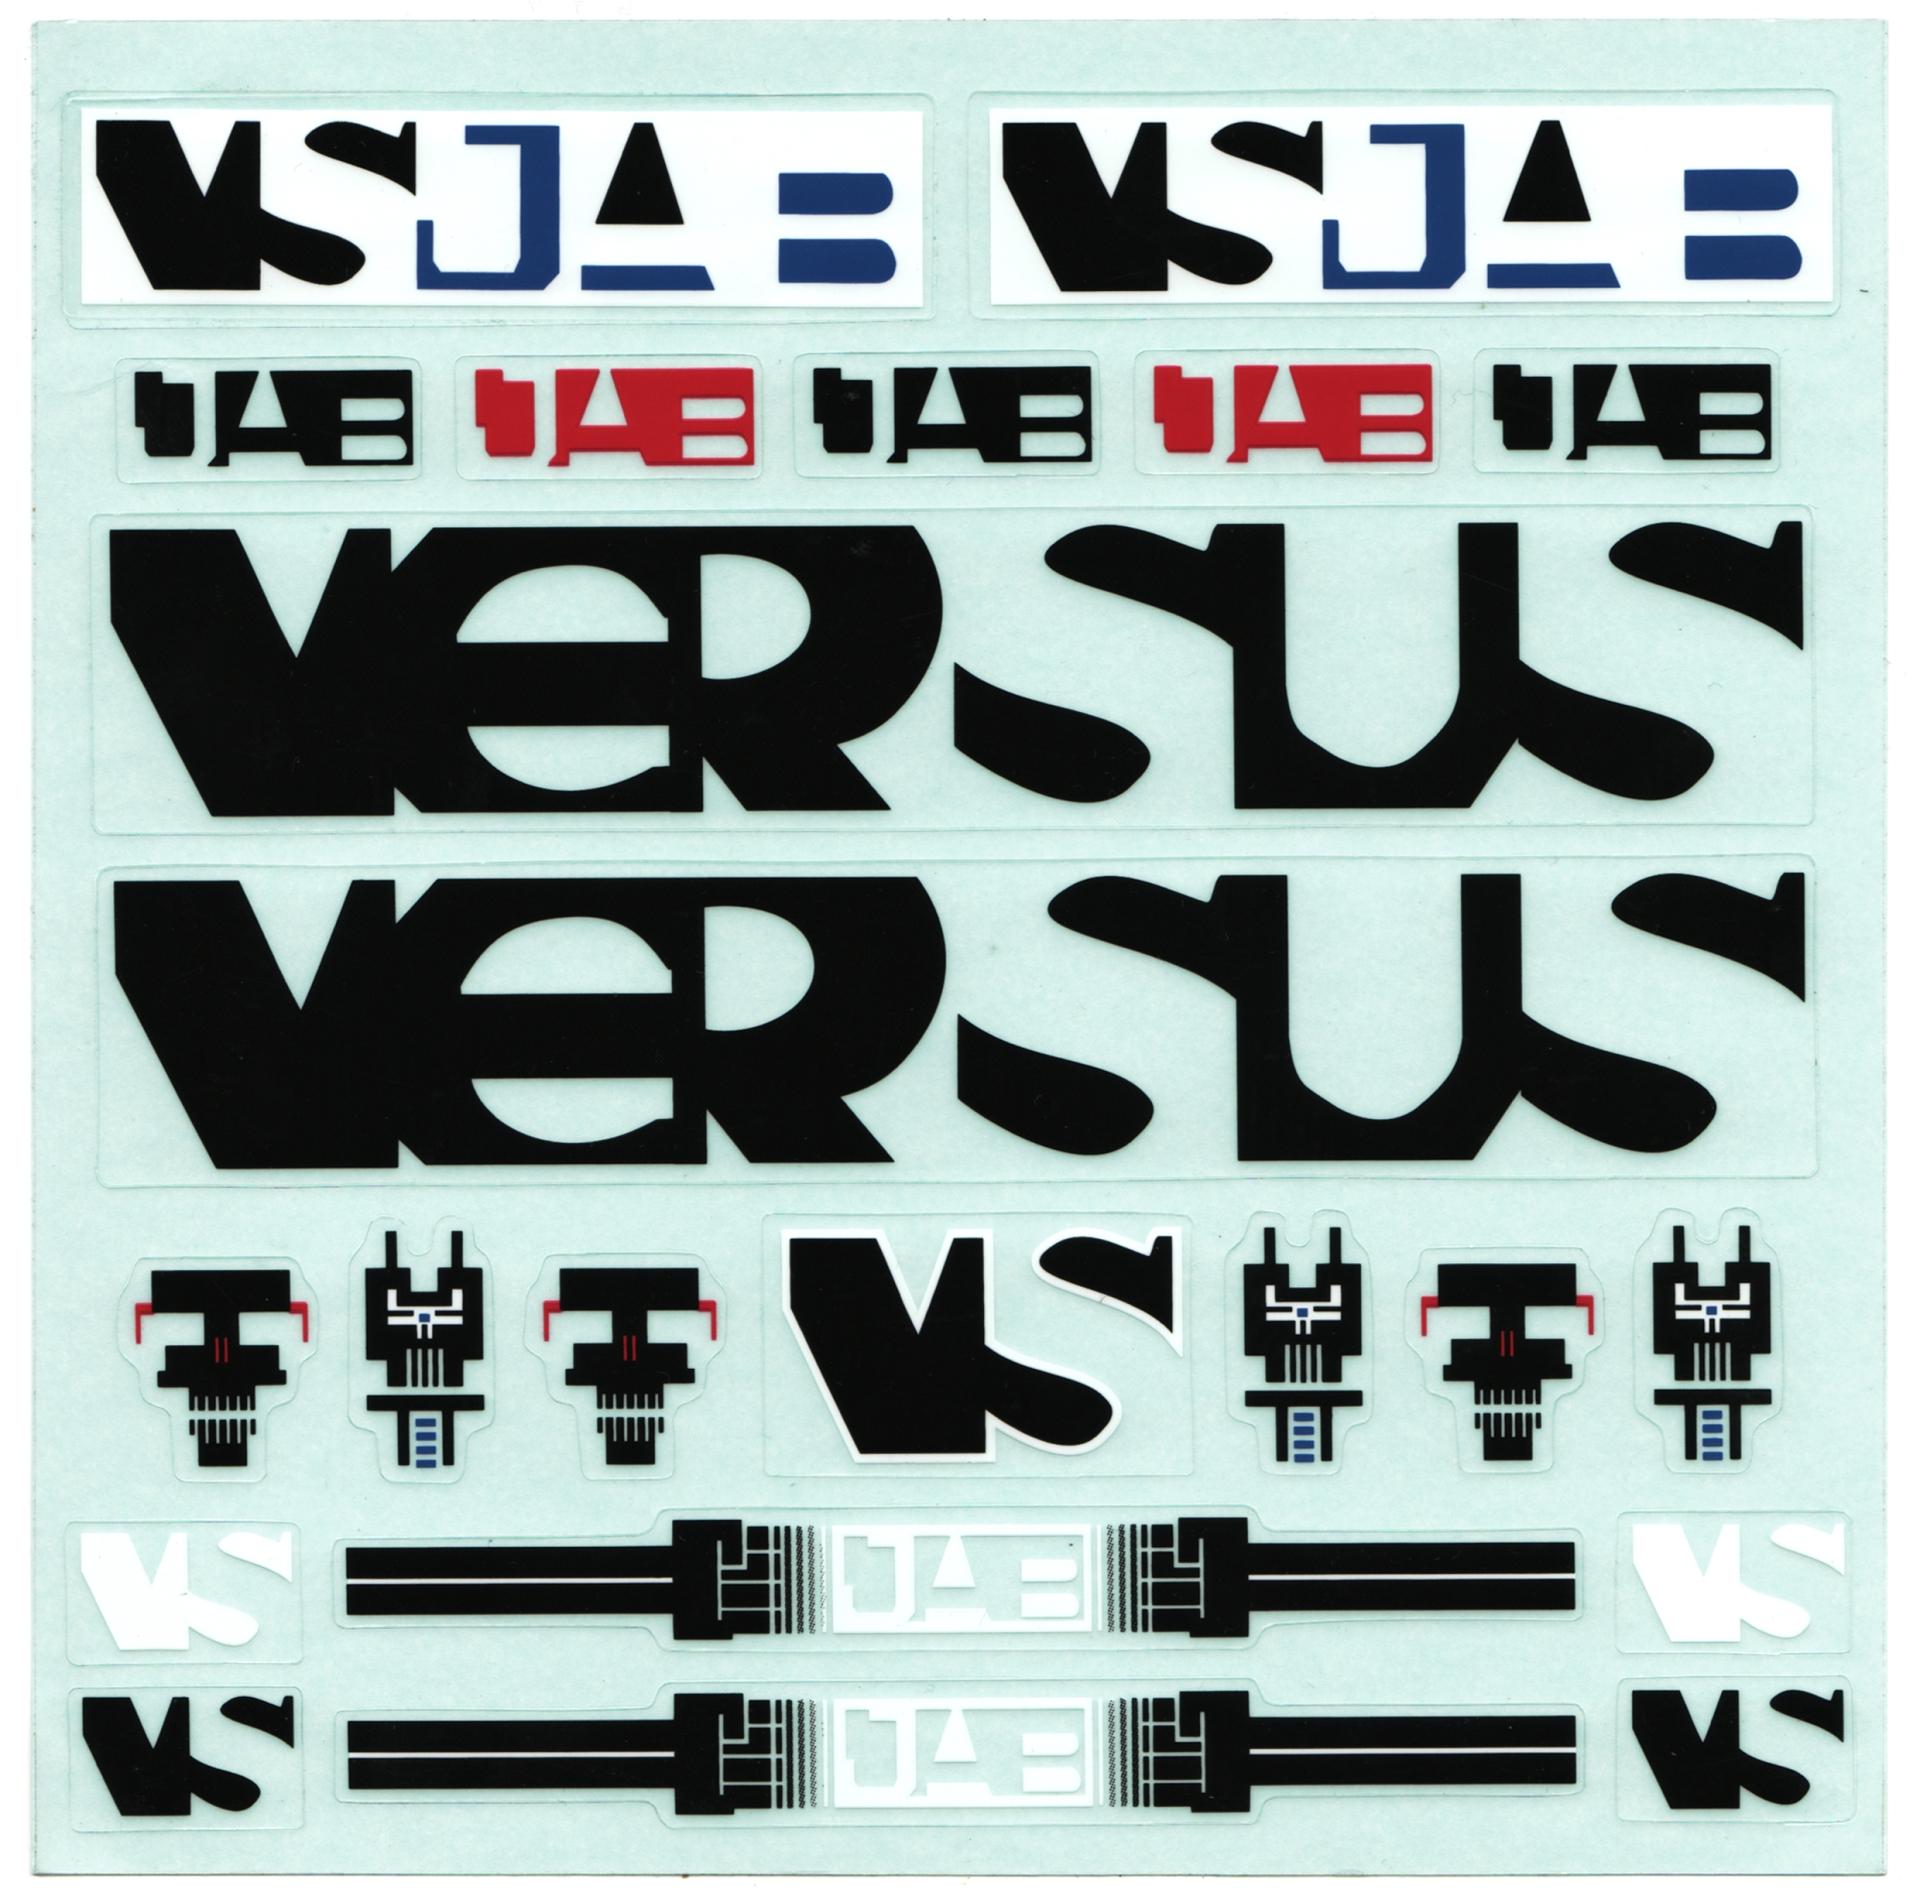 versus_cubist_3137918224_cr